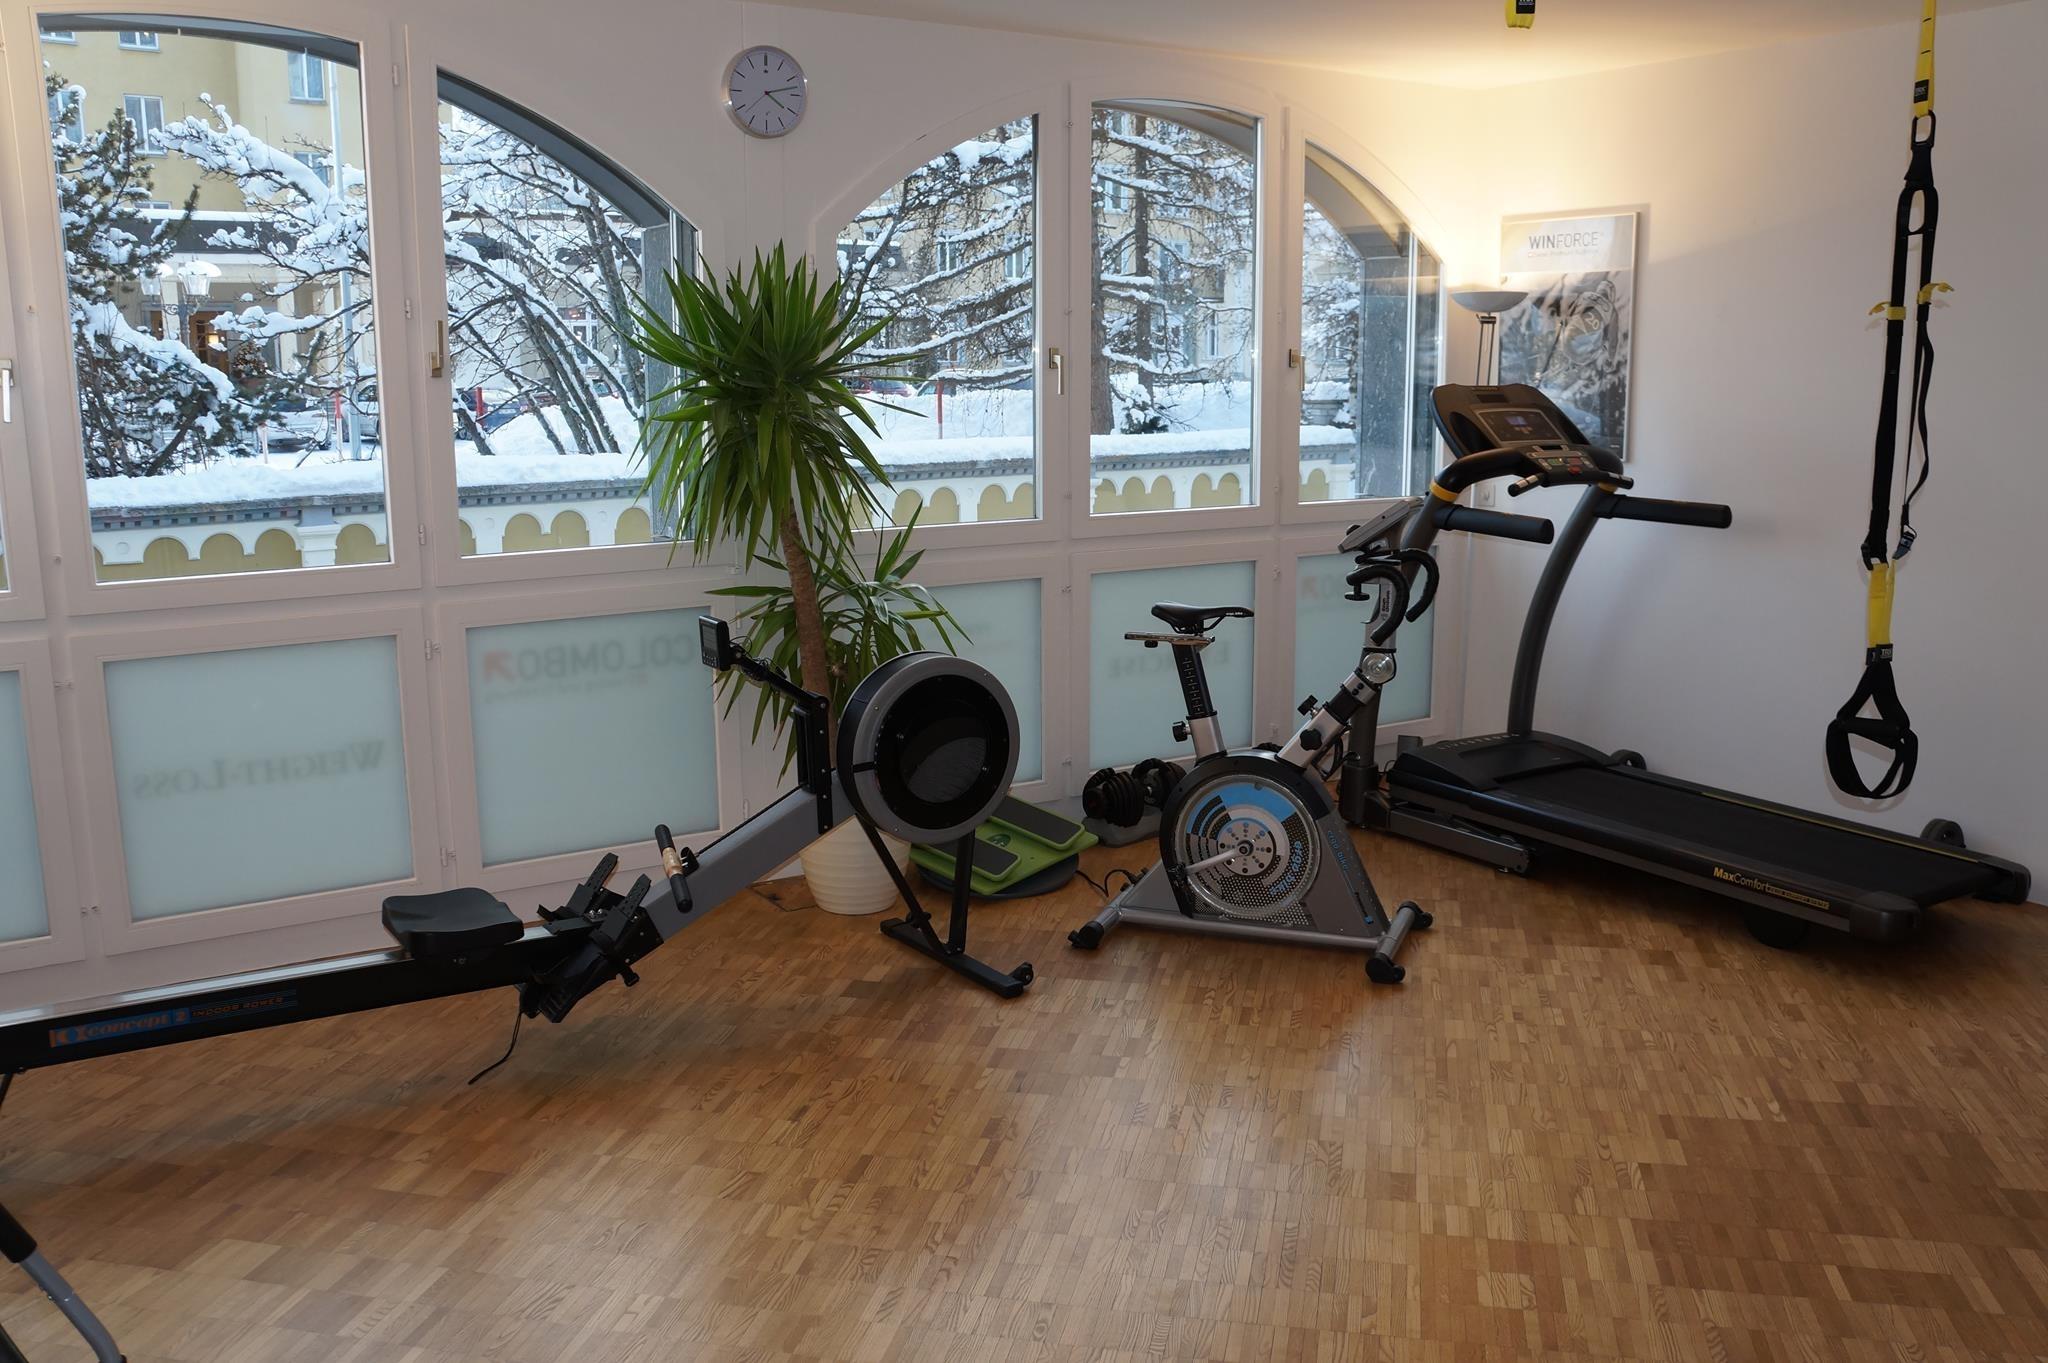 Personal Training St. Moritz Slide 2